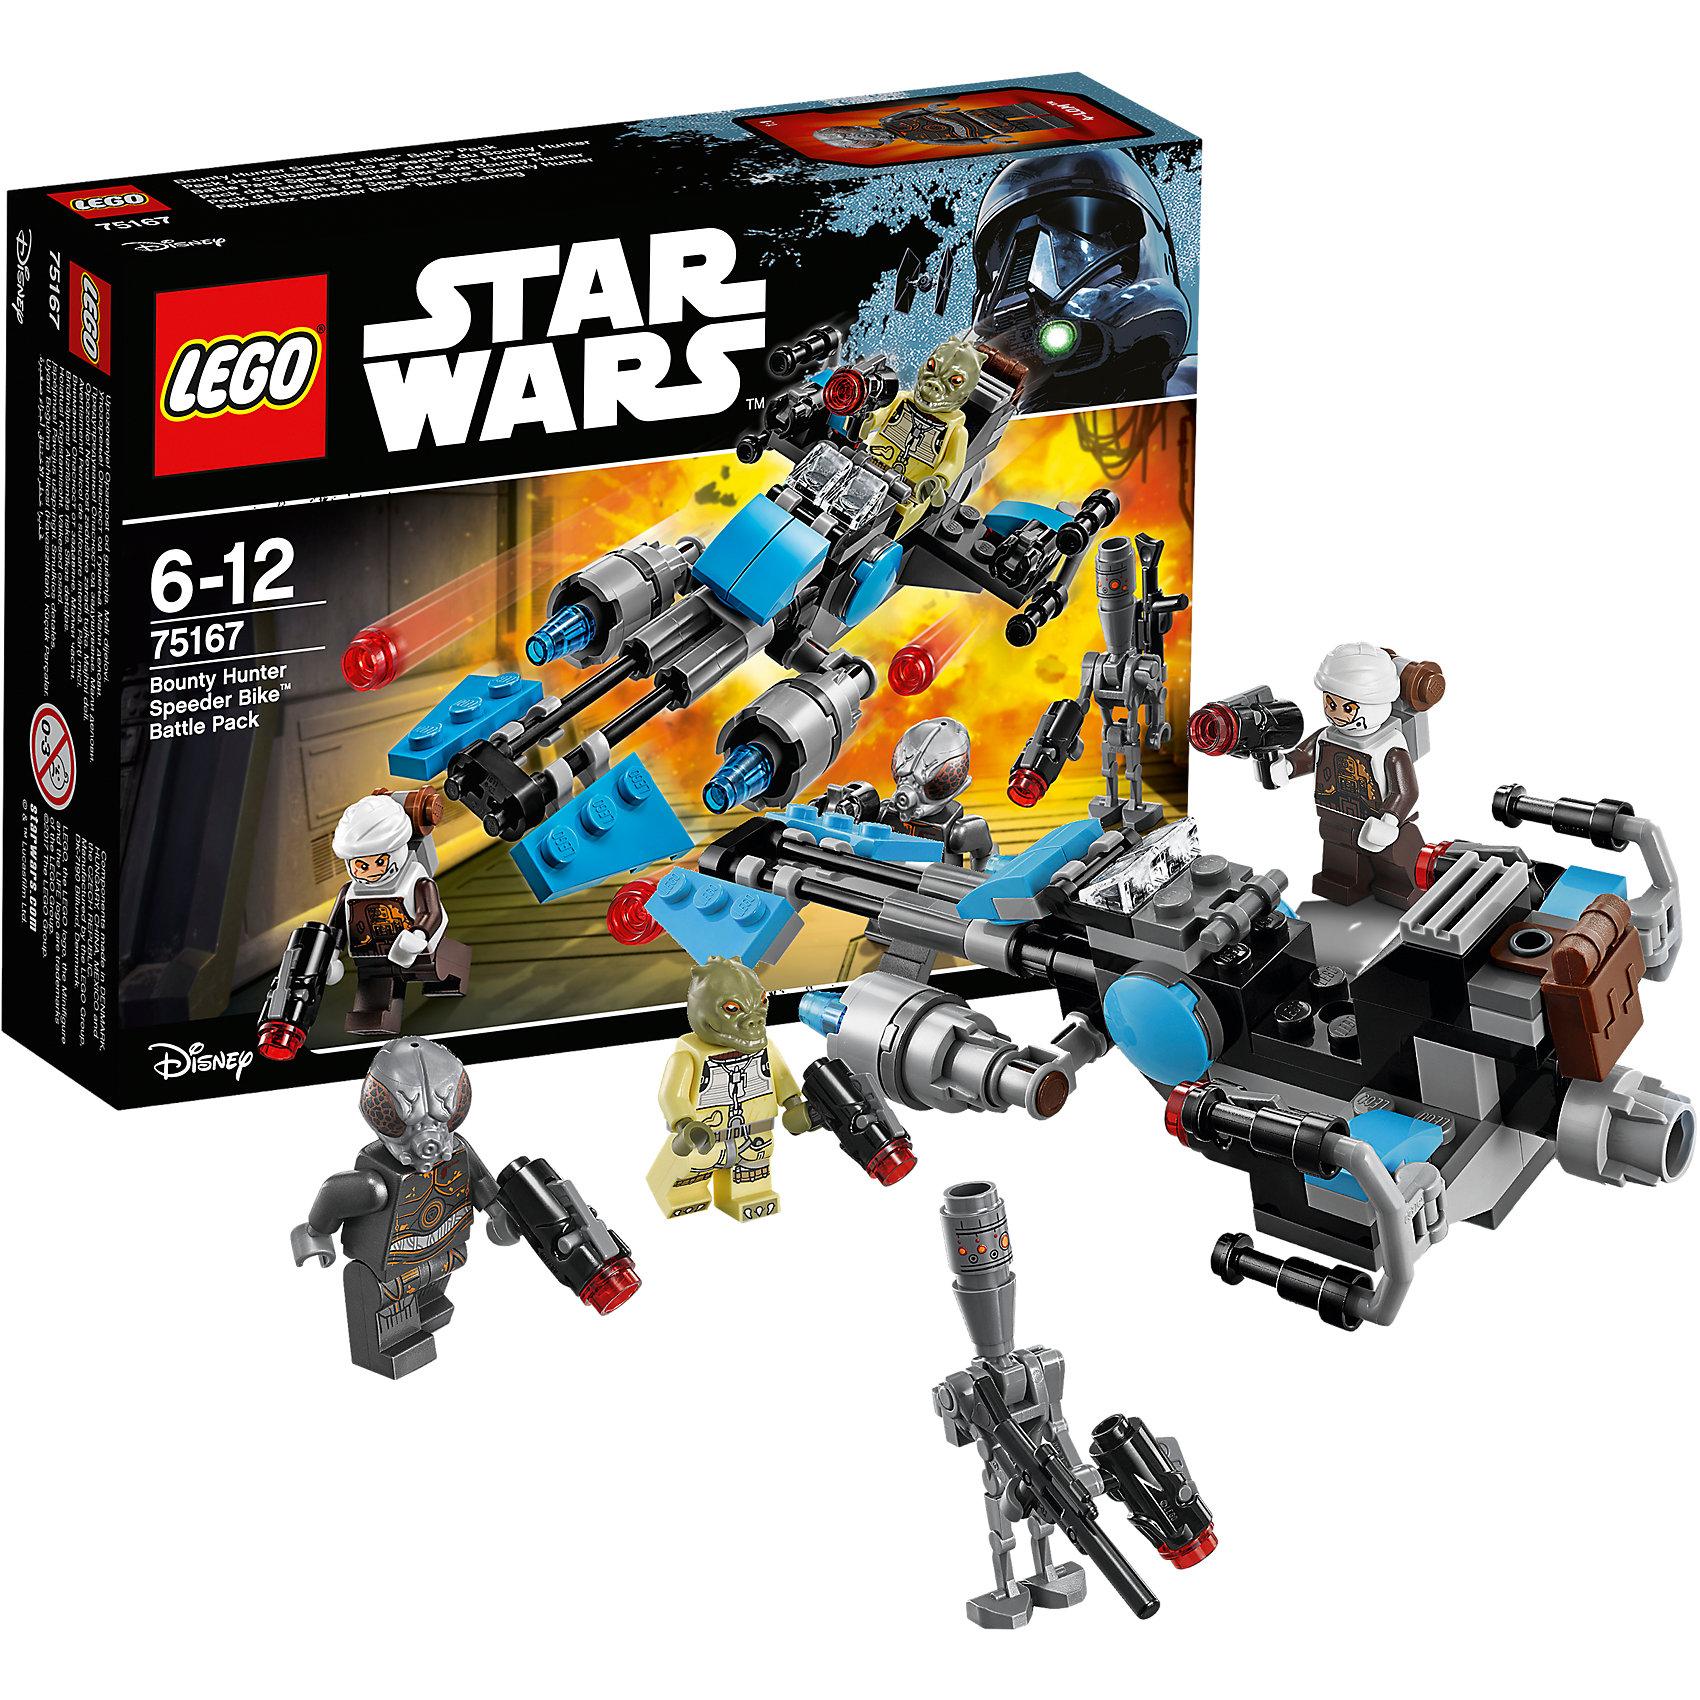 Конструктор Lego Star Wars 75167: Спидер охотника за головамиПластмассовые конструкторы<br>Характеристики товара:<br><br>• возраст: от 6 лет;<br>• материал: пластик;<br>• в комплекте: 122 детали;<br>• количество минифигурок: 4;<br>• размер упаковки: 14,1х19,1х4,6 см;<br>• вес упаковки: 125 гр.;<br>• страна производитель: Китай.<br><br>Конструктор Lego Star Wars «Спидер охотника за головами» создан по мотивам известной космической саги «Звездные войны». Из элементов конструктора предстоит собрать 4 фигурки персонажей и транспортное средство спидер, оснащенный пушками. У каждого охотника за головами в руках свой космический бластер.<br><br>Все детали выполнены из качественных безопасных материалов. В процессе сборки конструктора у детей развиваются мелкая моторика рук, усидчивость, логическое мышление.<br><br>Конструктор Lego Star Wars «Спидер охотника за головами» можно приобрести в нашем интернет-магазине.<br><br>Ширина мм: 401<br>Глубина мм: 200<br>Высота мм: 157<br>Вес г: 130<br>Возраст от месяцев: 72<br>Возраст до месяцев: 2147483647<br>Пол: Мужской<br>Возраст: Детский<br>SKU: 5619971